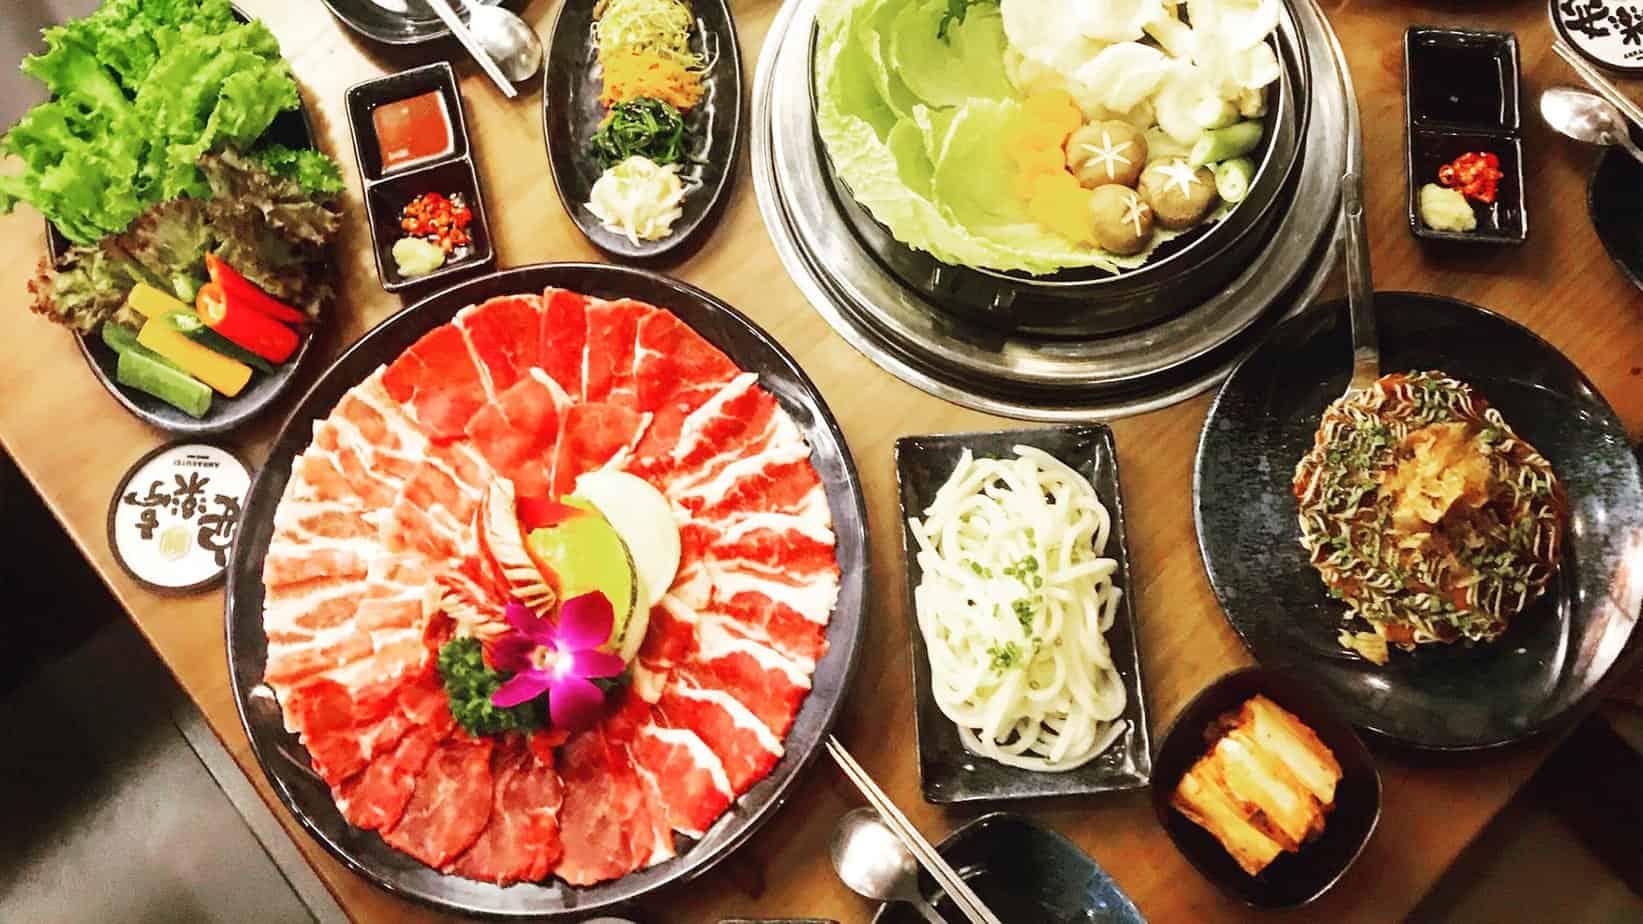 Top 5 Nhà Hàng Buffet Nướng Lẩu Giá Mềm, Ăn Ngập Mặt Tại TP HCM - nhà hàng buffet nướng lẩu giá mềm - Thành Phố Hồ Chí Minh - Sài Gòn 27